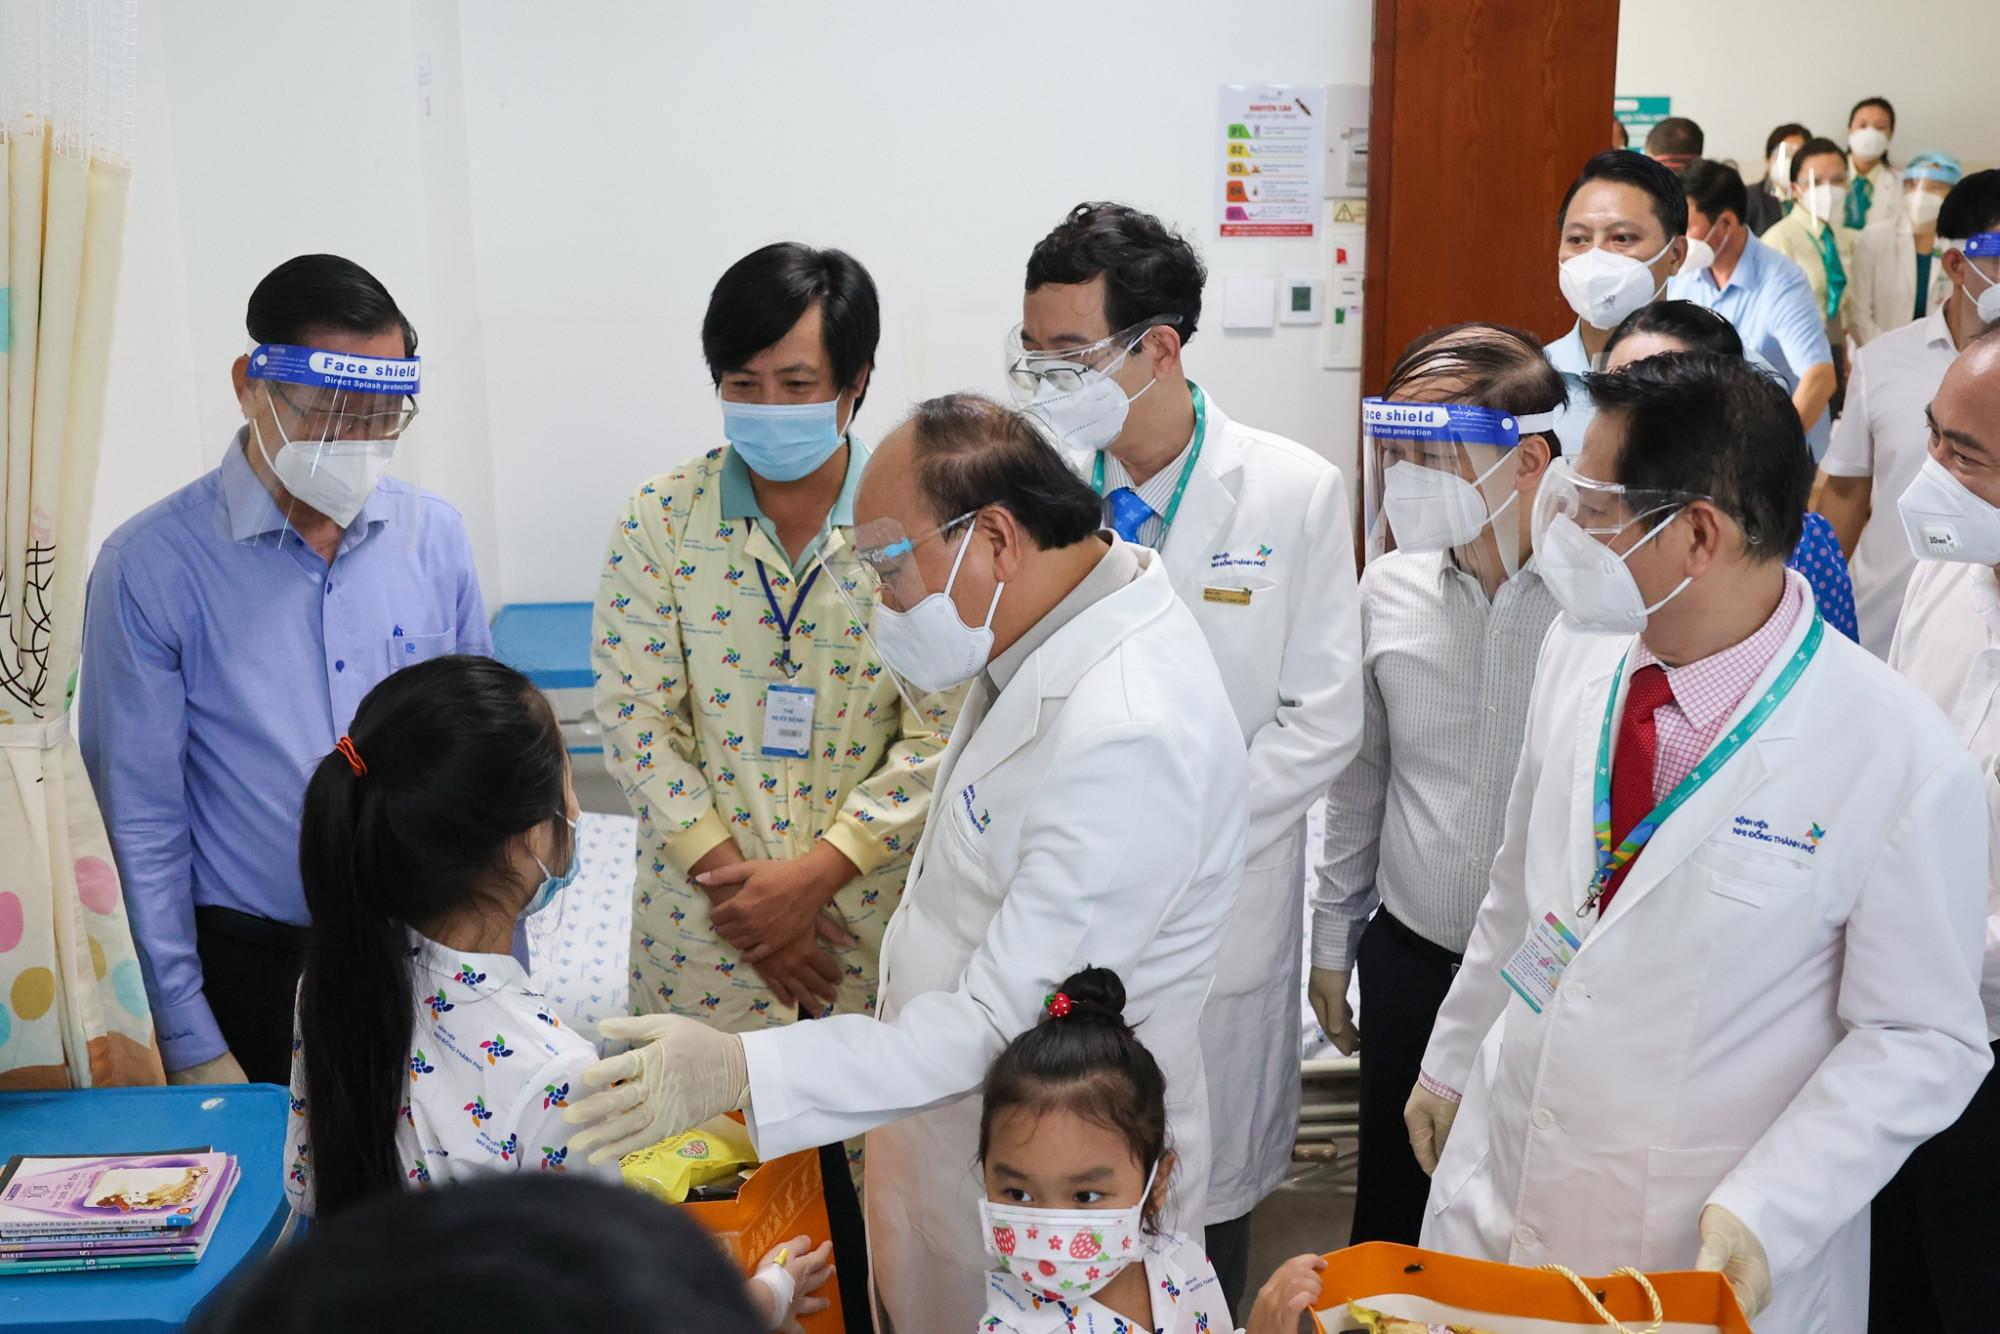 Chủ tịch nước Nguyễn Xuân Phúc thăm hỏi bệnh nhi tại Bệnh viện Nhi đồng TPHCM, ảnh BVNĐTP